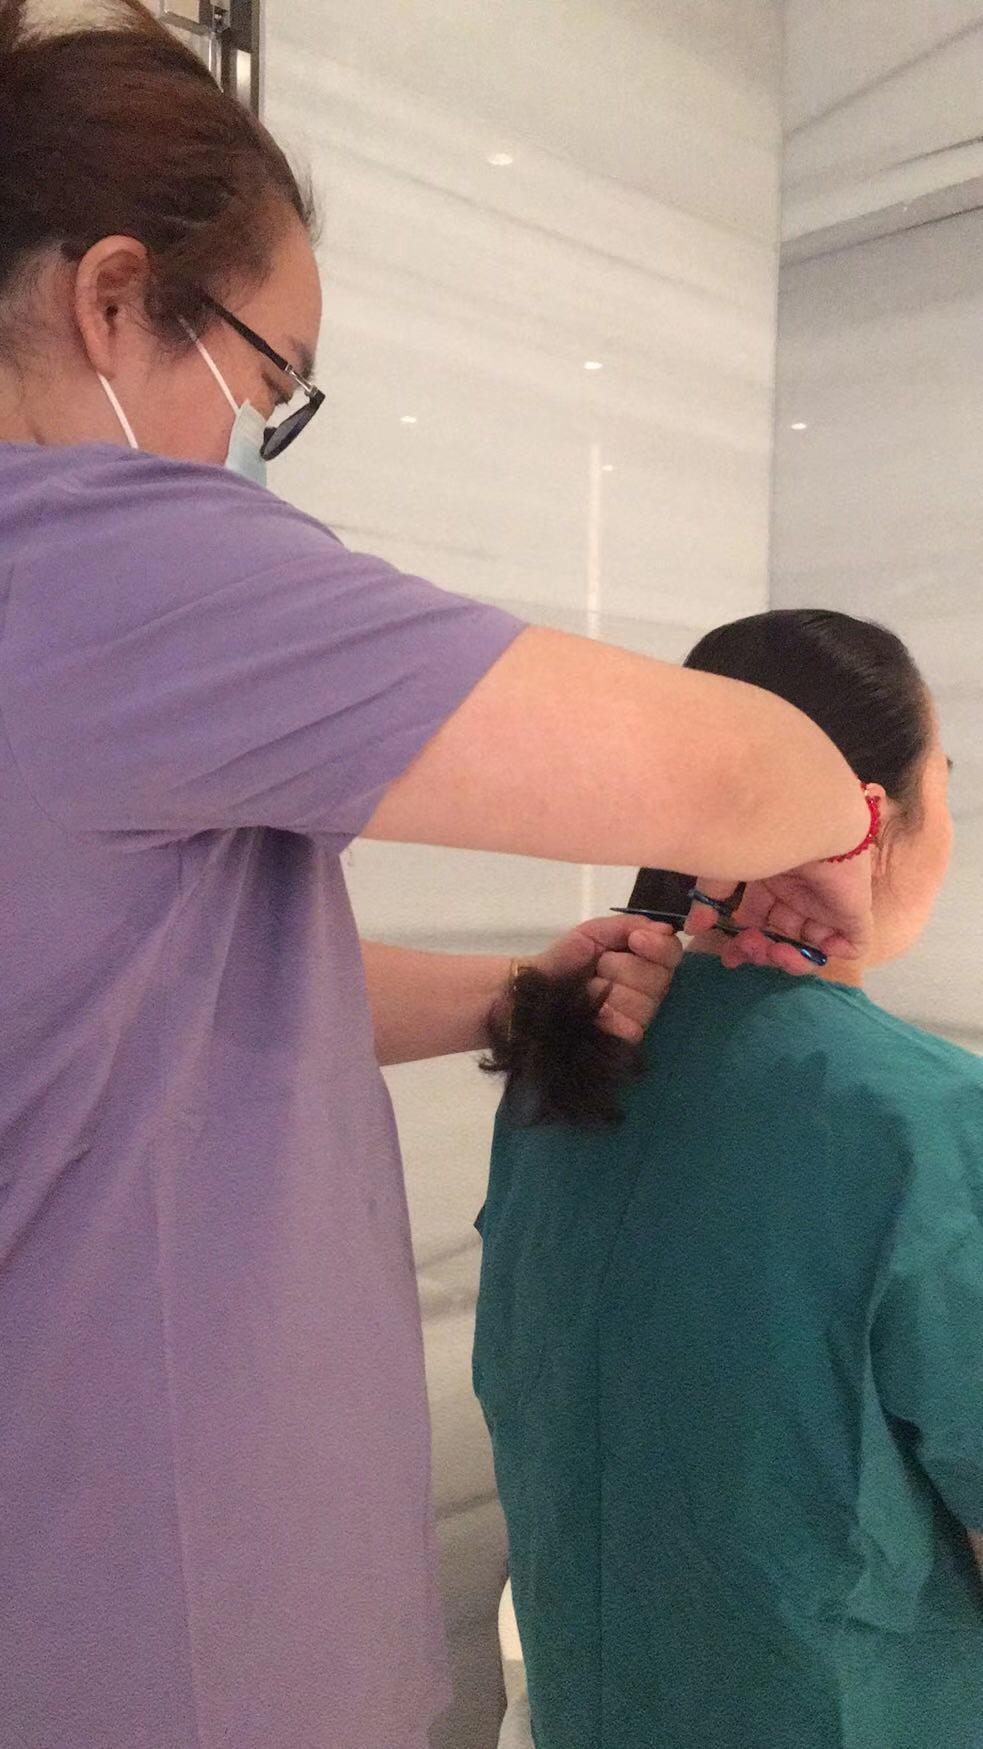 长发难打理、容易污染,查琼芳在医护人员的帮助下理发。本文图均为 查医生 供图